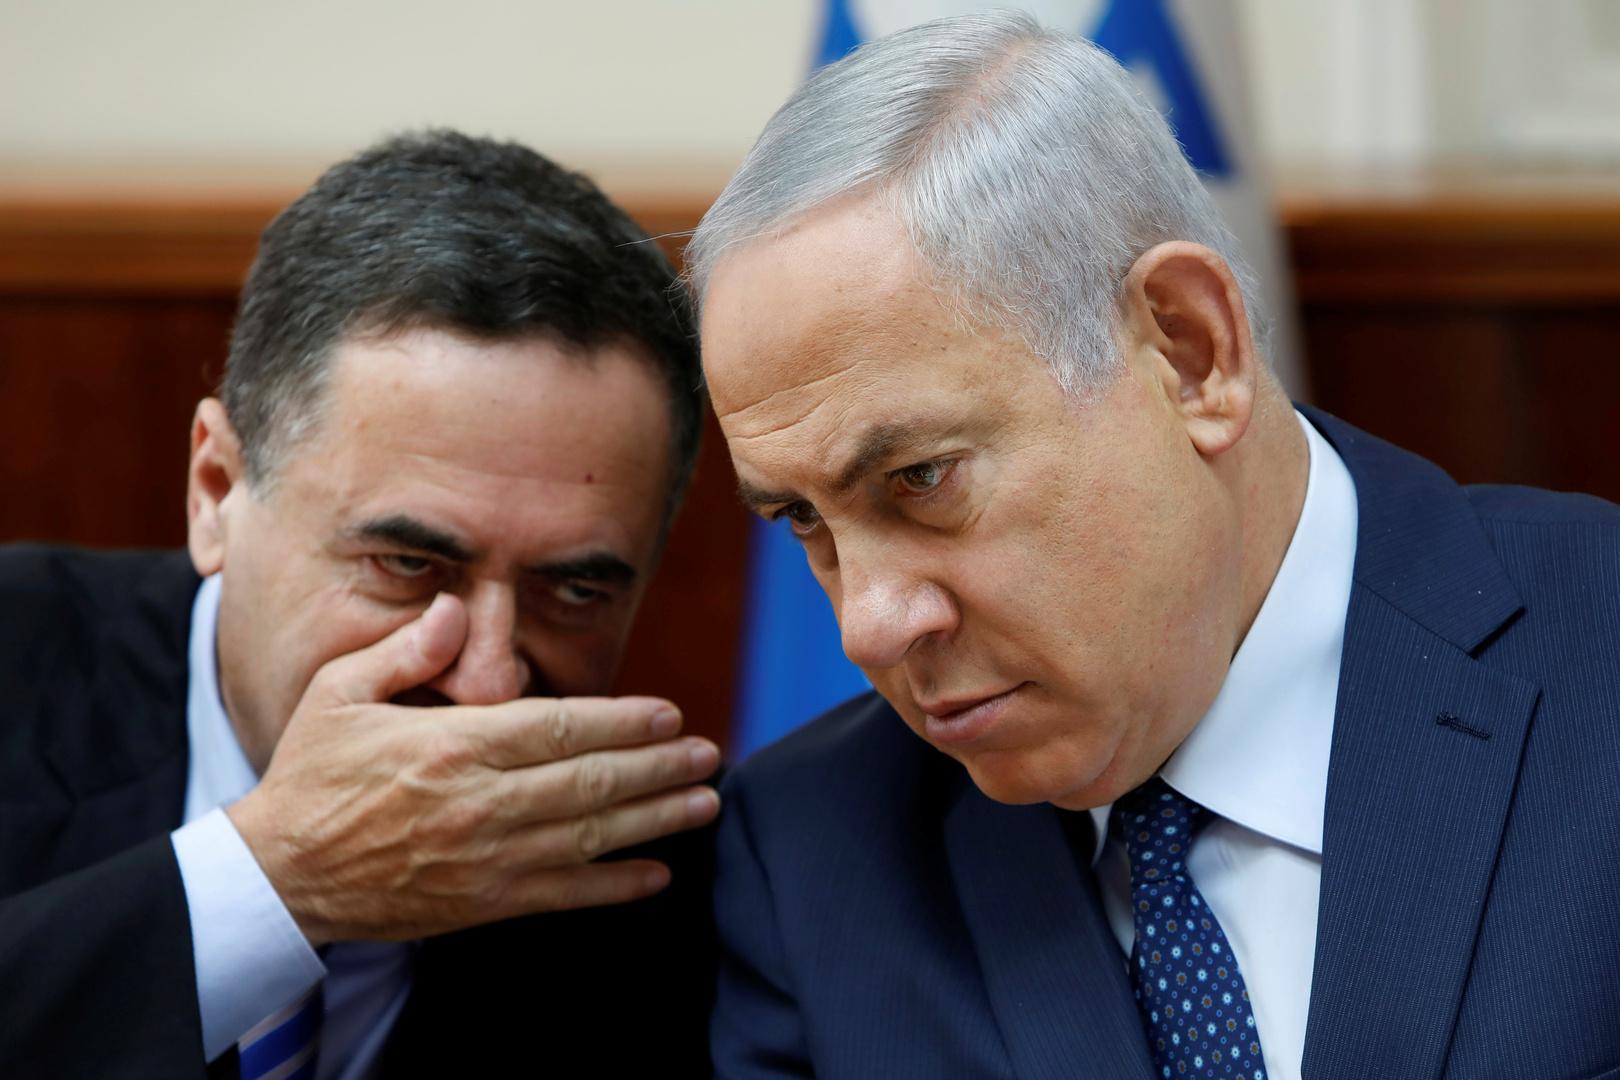 وفد إسرائيلي يبحث إبرام اتفاقات عدم اعتداء مع دول الخليج في الولايات المتحدة